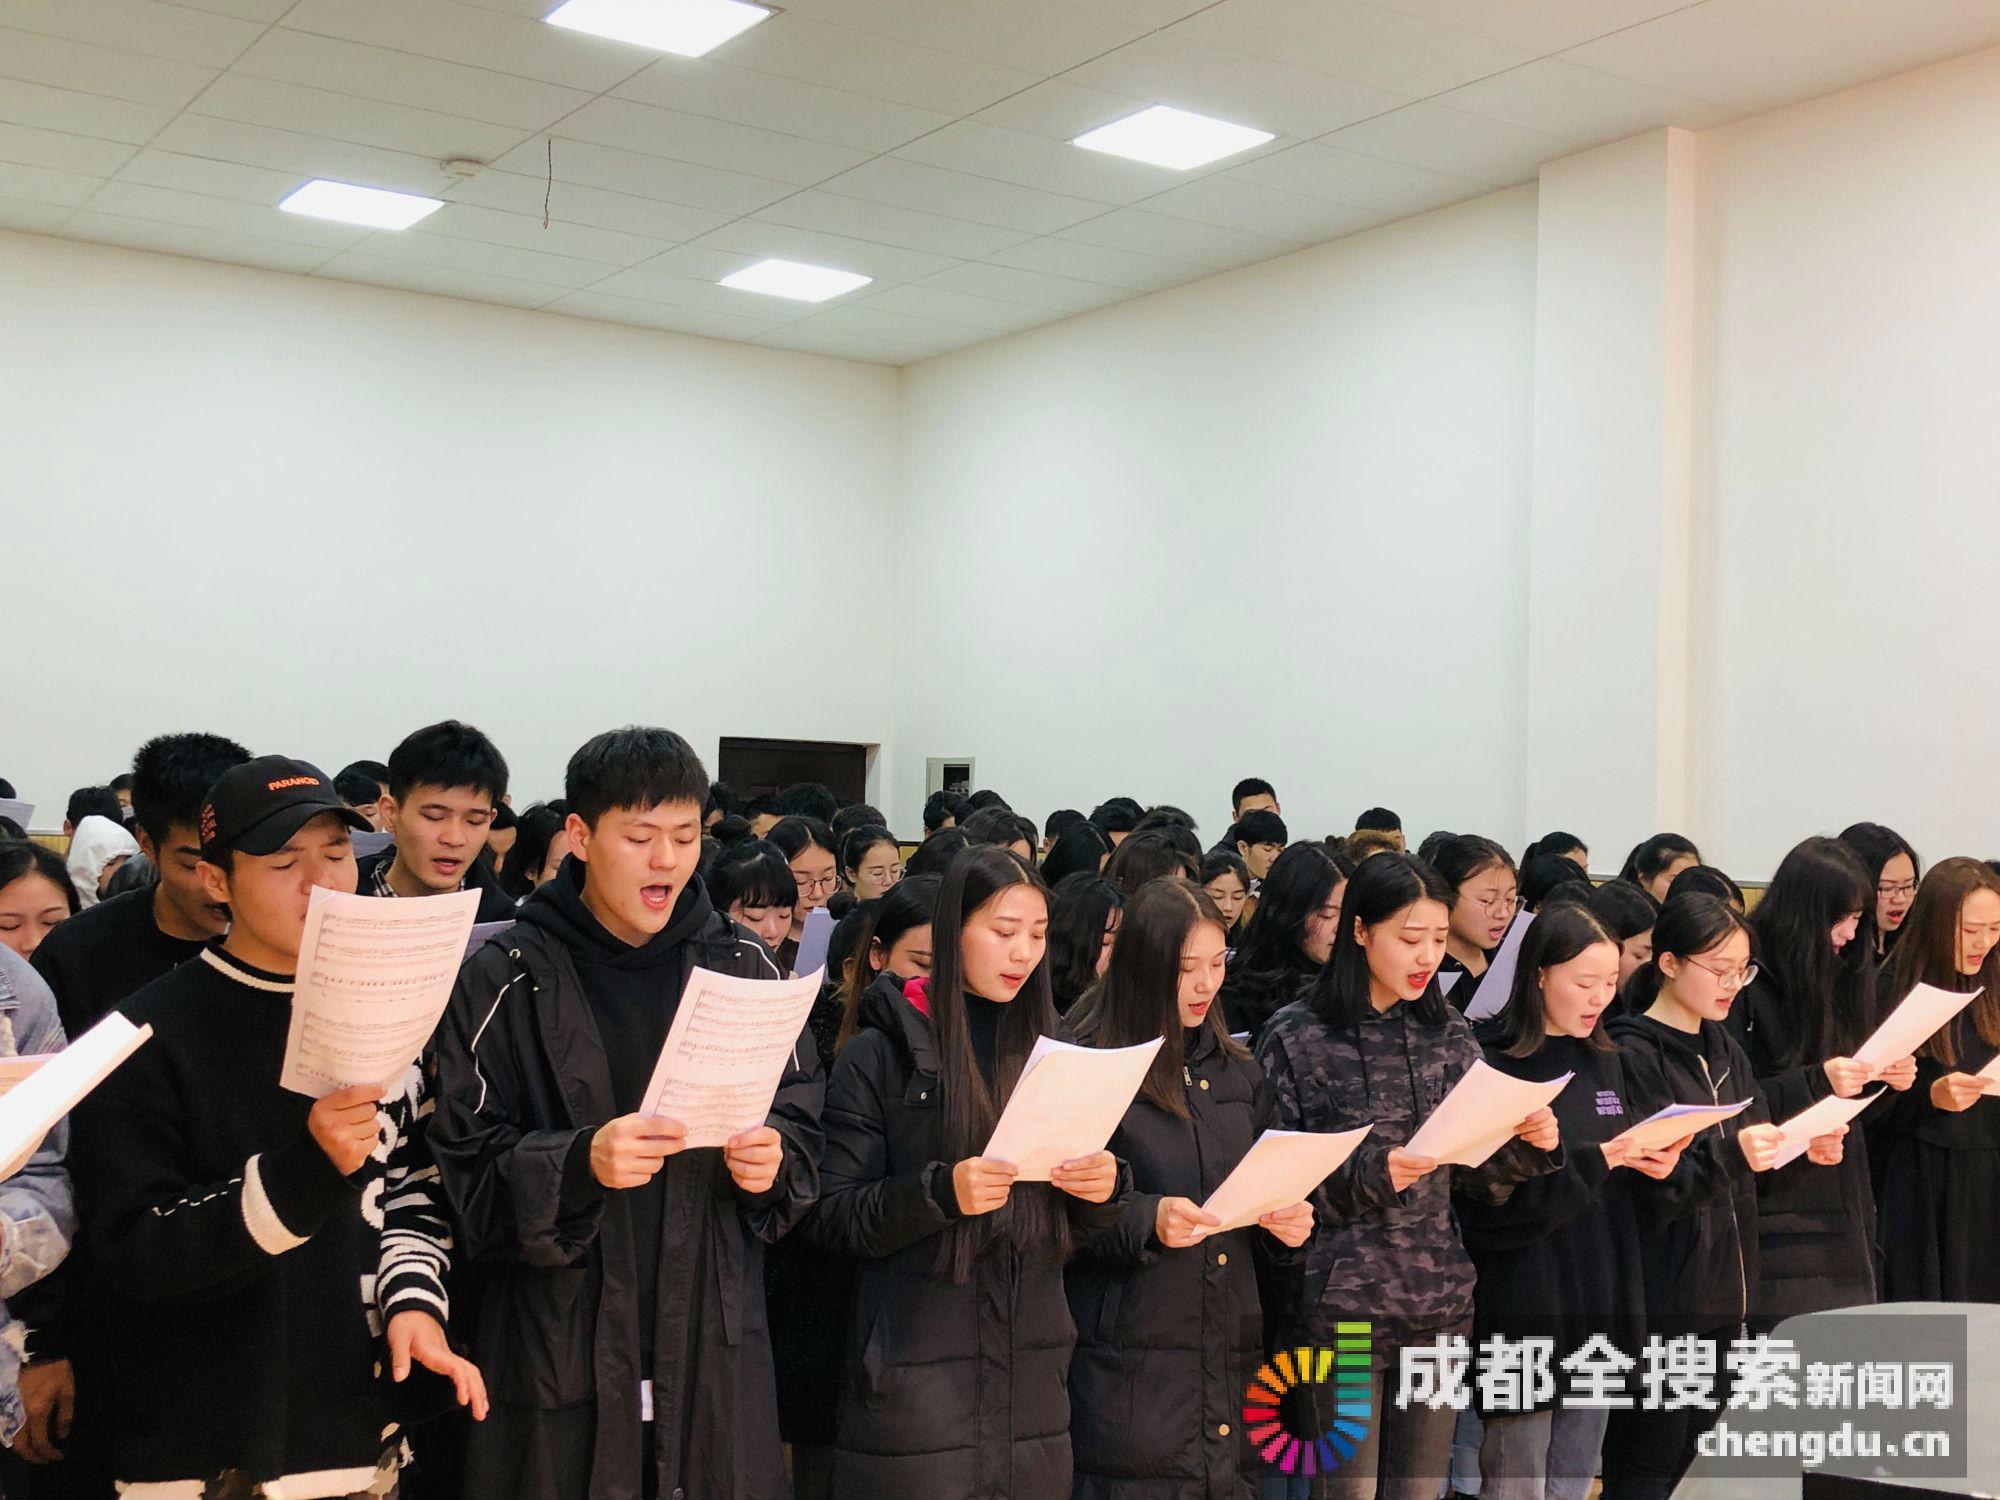 学生歌声悼念英雄怎么回事?四川凉山救火英雄一路走好!